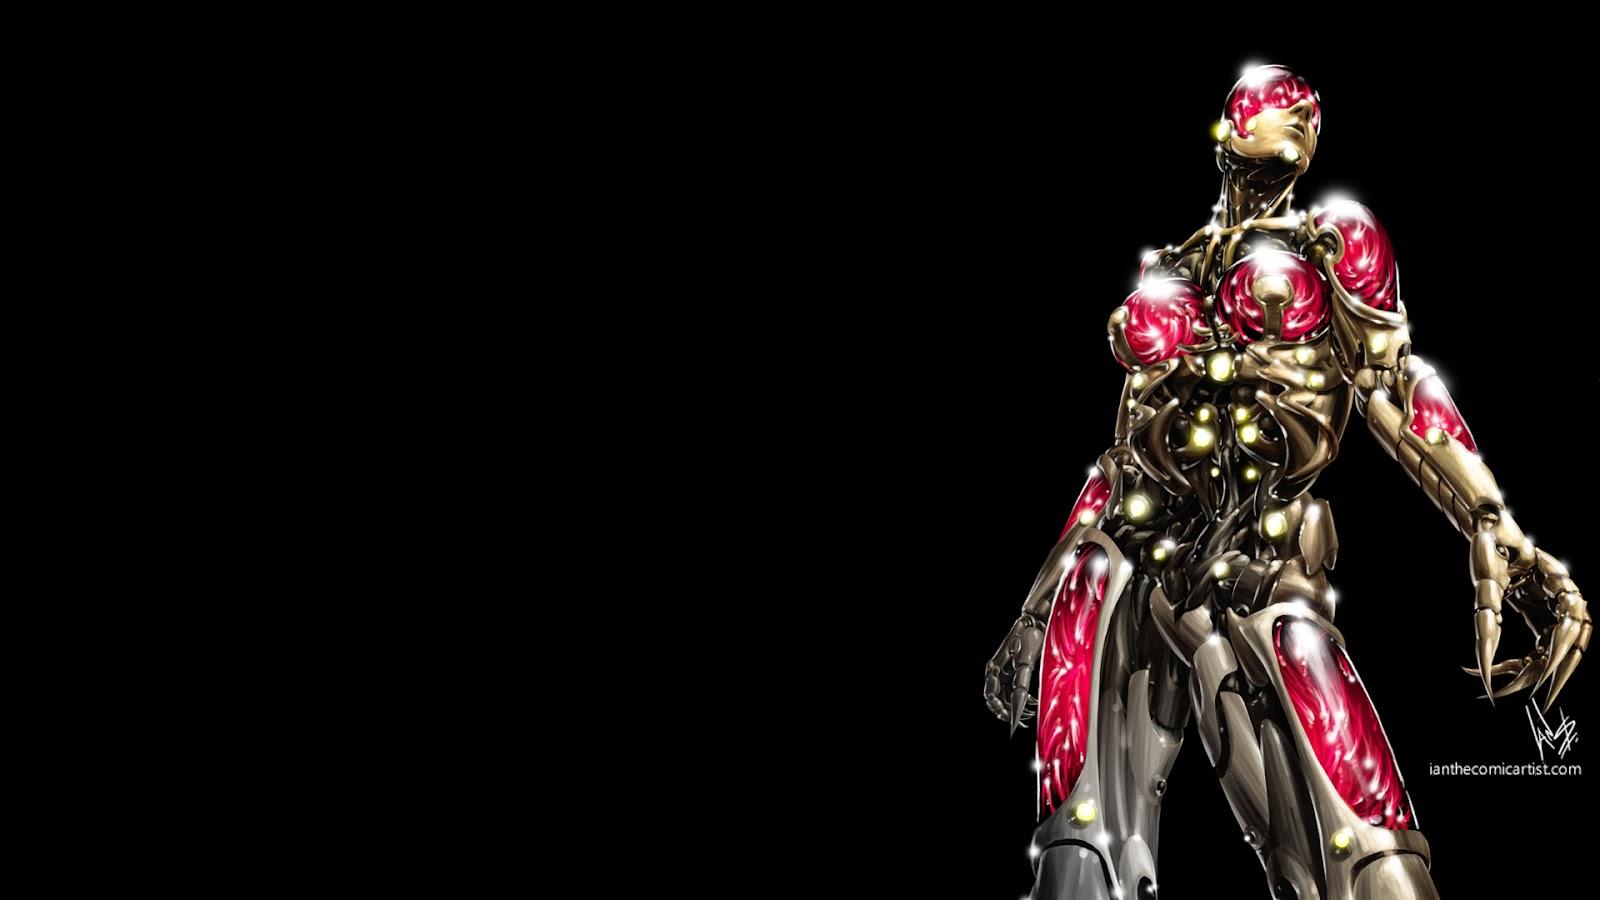 wallpaper cyberpunk metropolis robots - photo #25